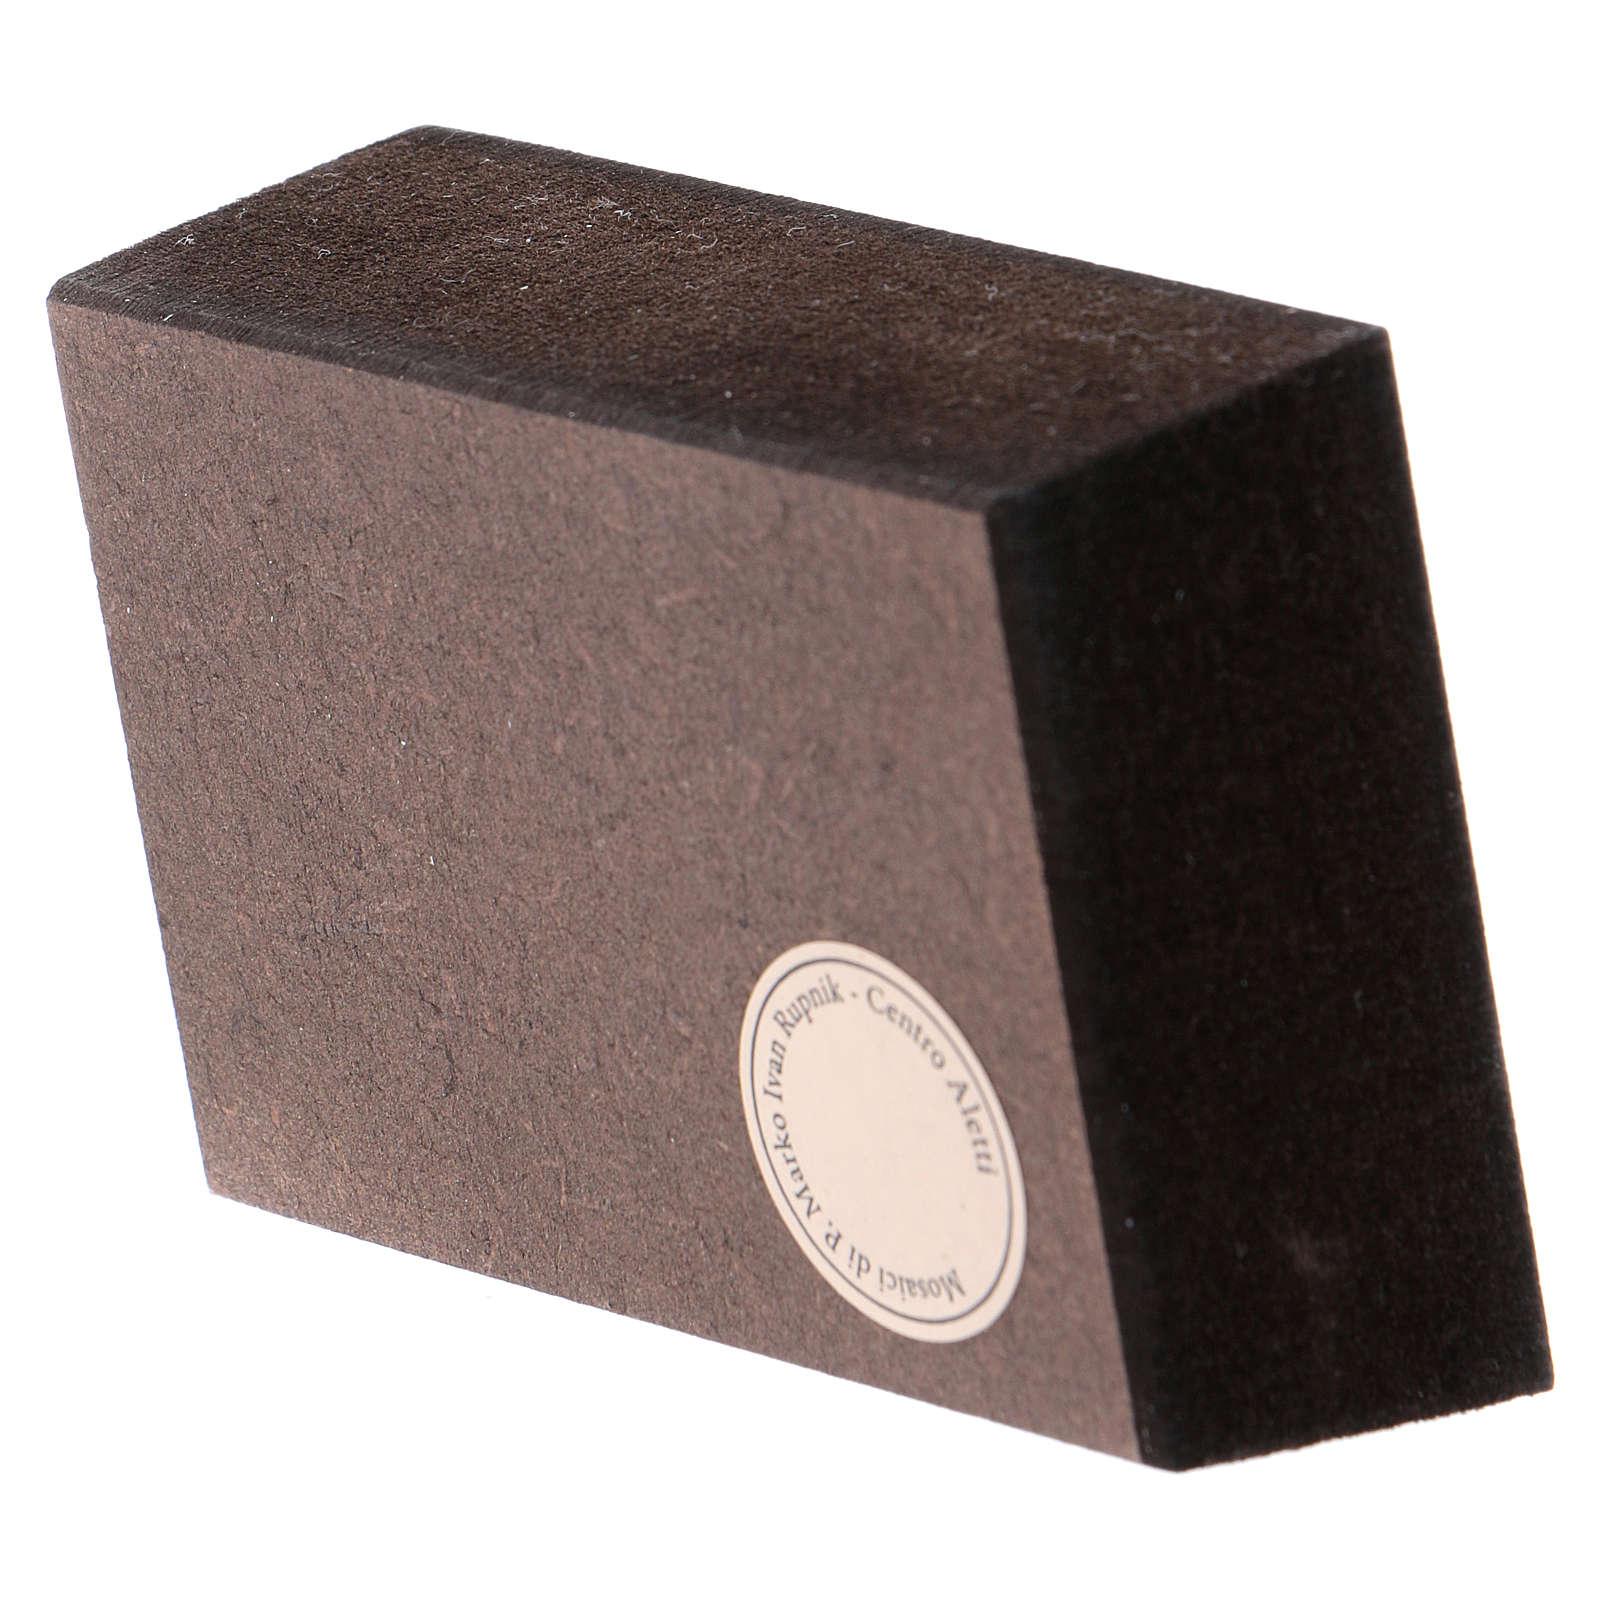 Última Cena de Rupnik Cuadrito de mesa 5x5 cm 3